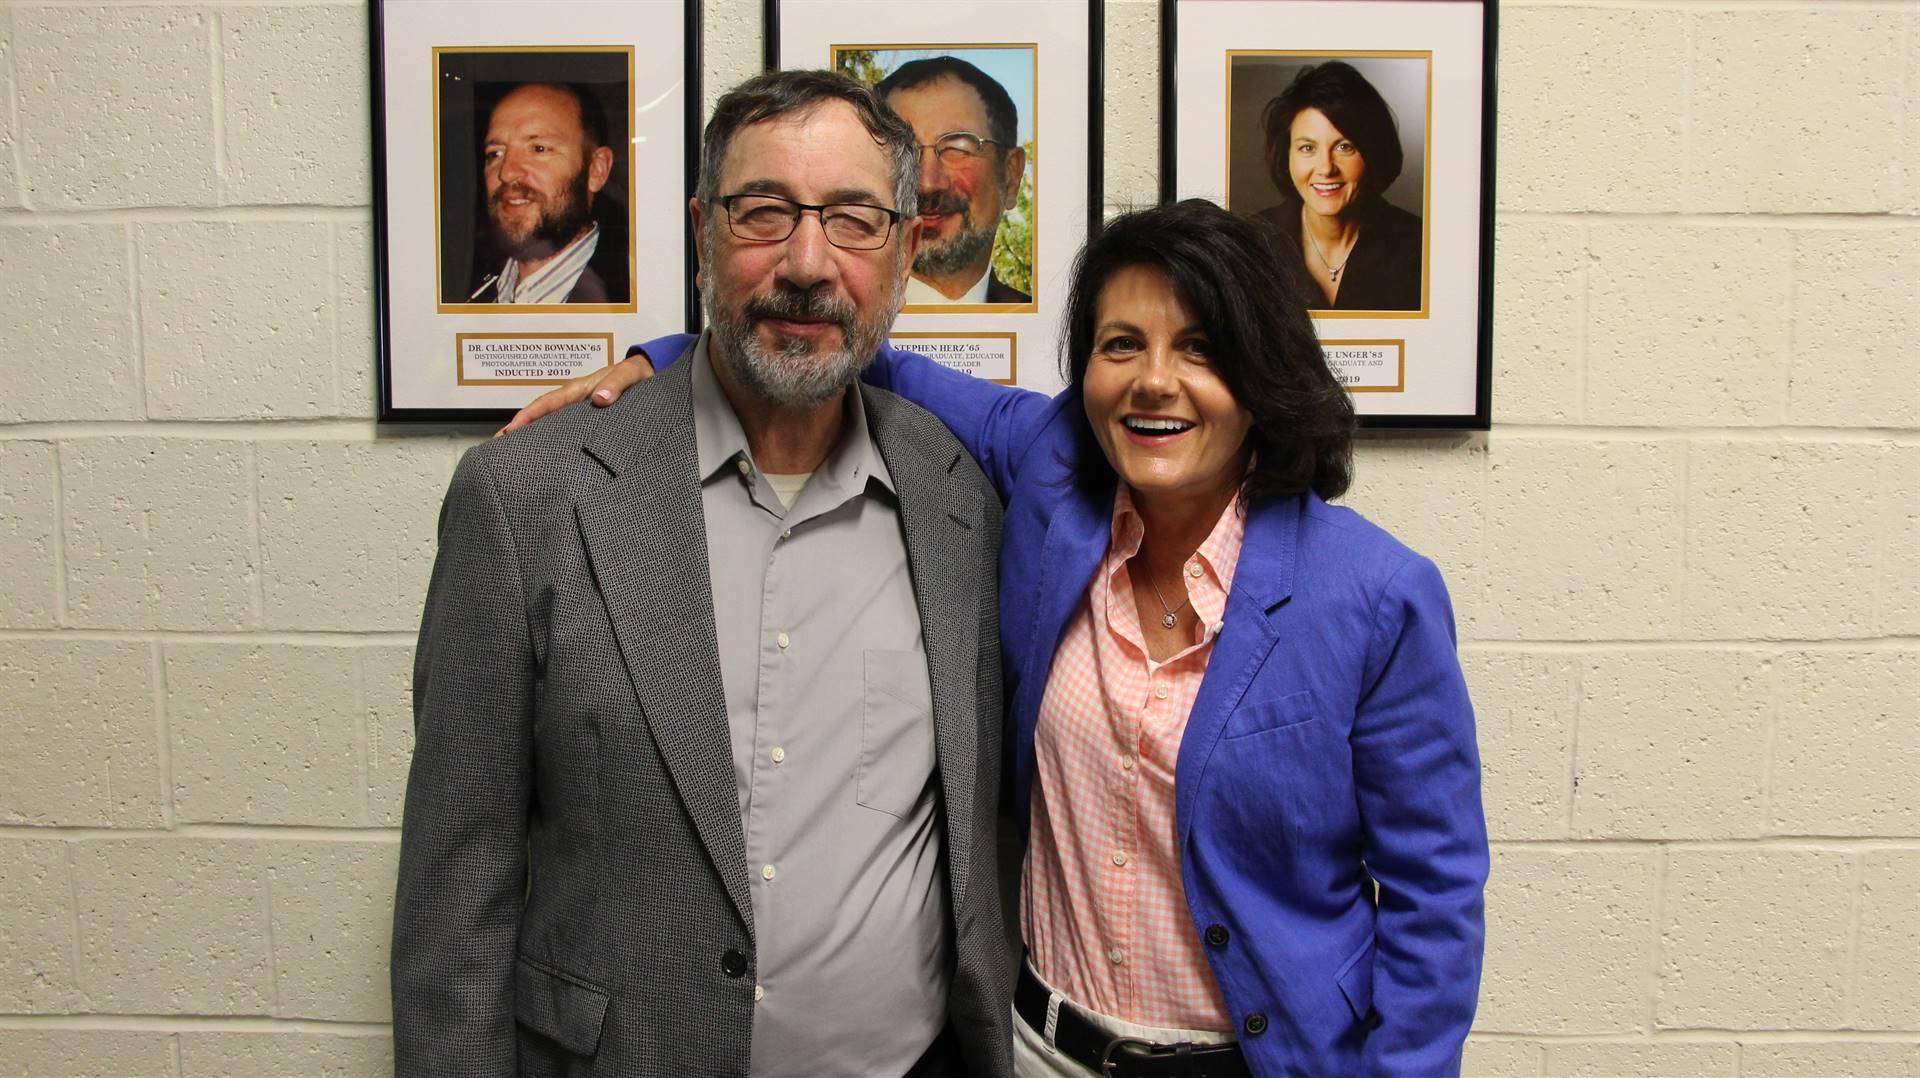 Stephen Herz & Dr. Darlene Unger